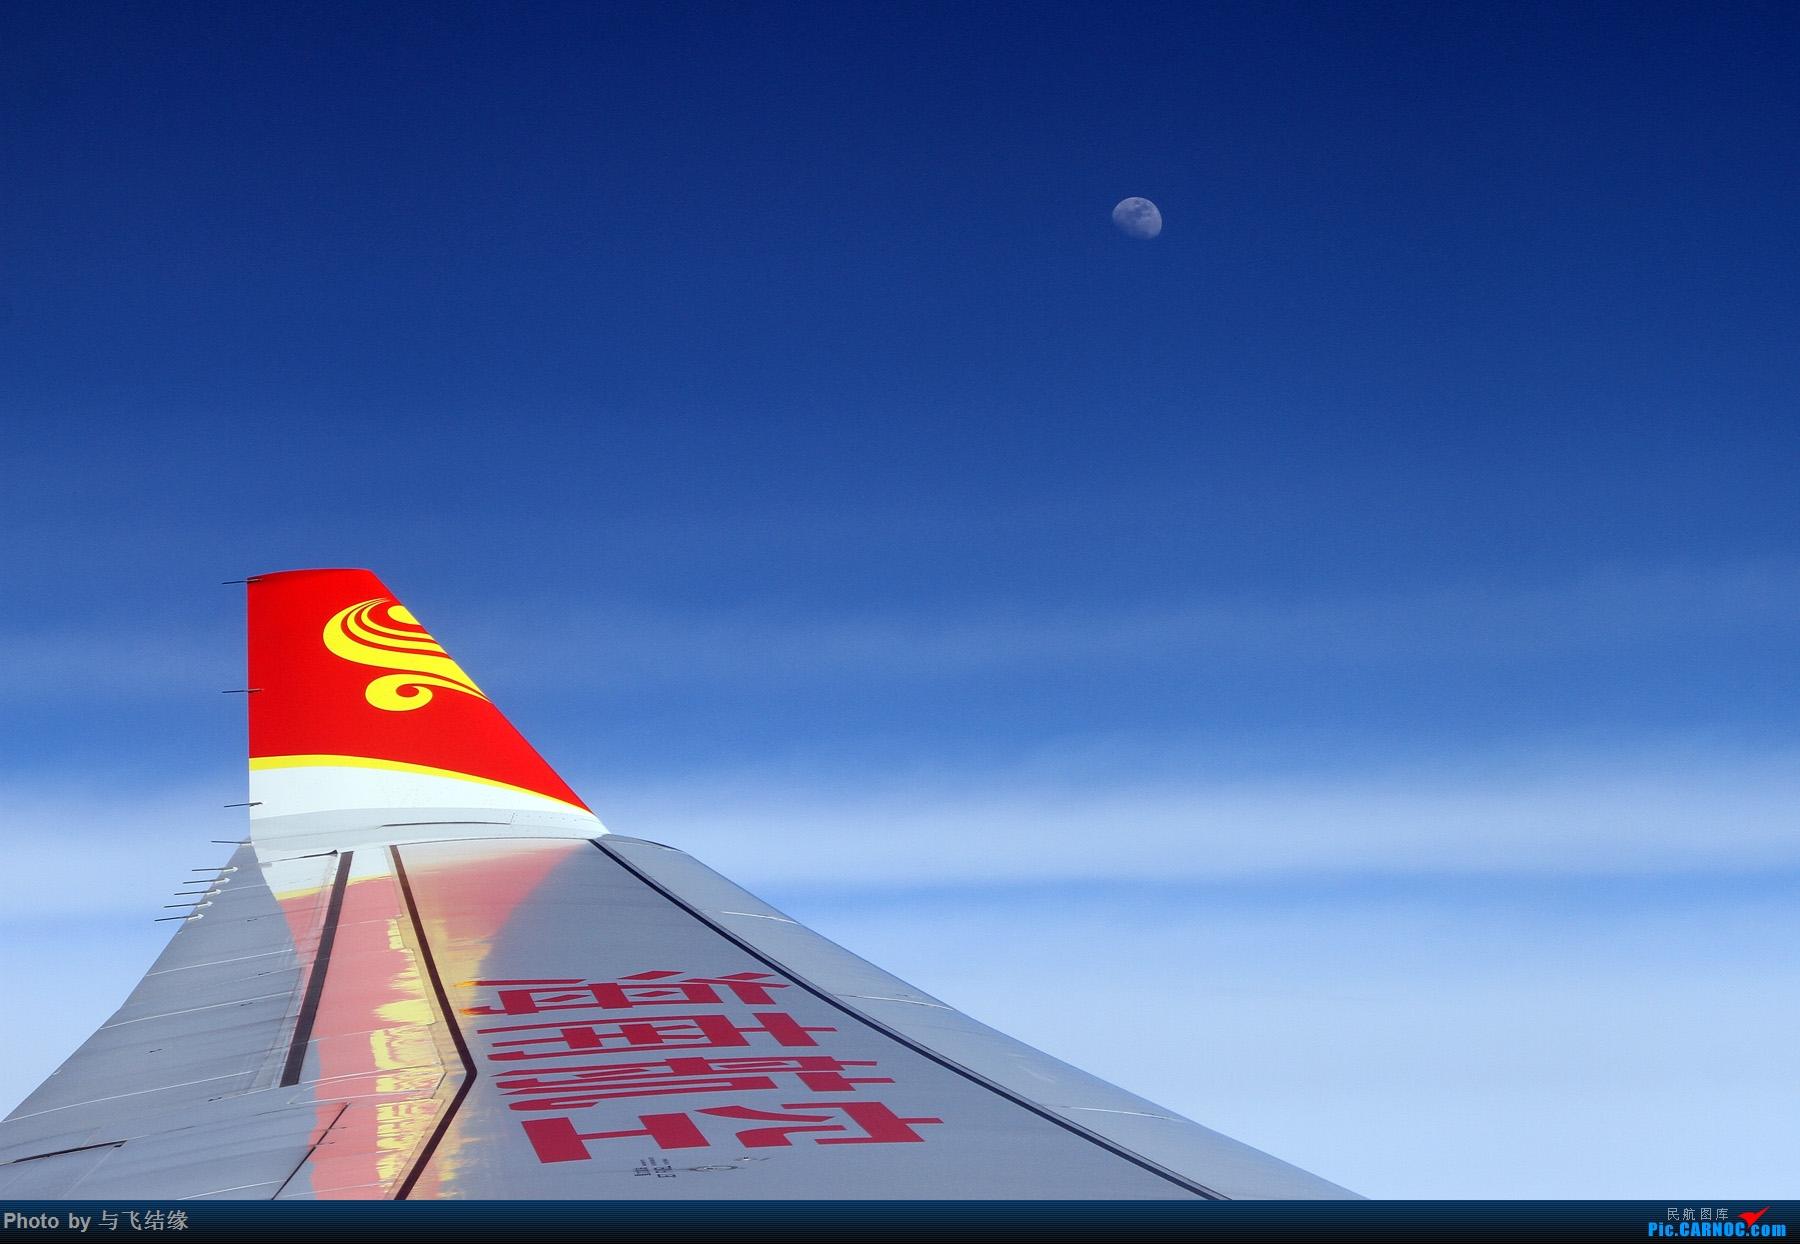 Re:[原创]明天三月三十日发几张空客330! AIRBUS A330-300 B-6520 中国北京首都国际机场